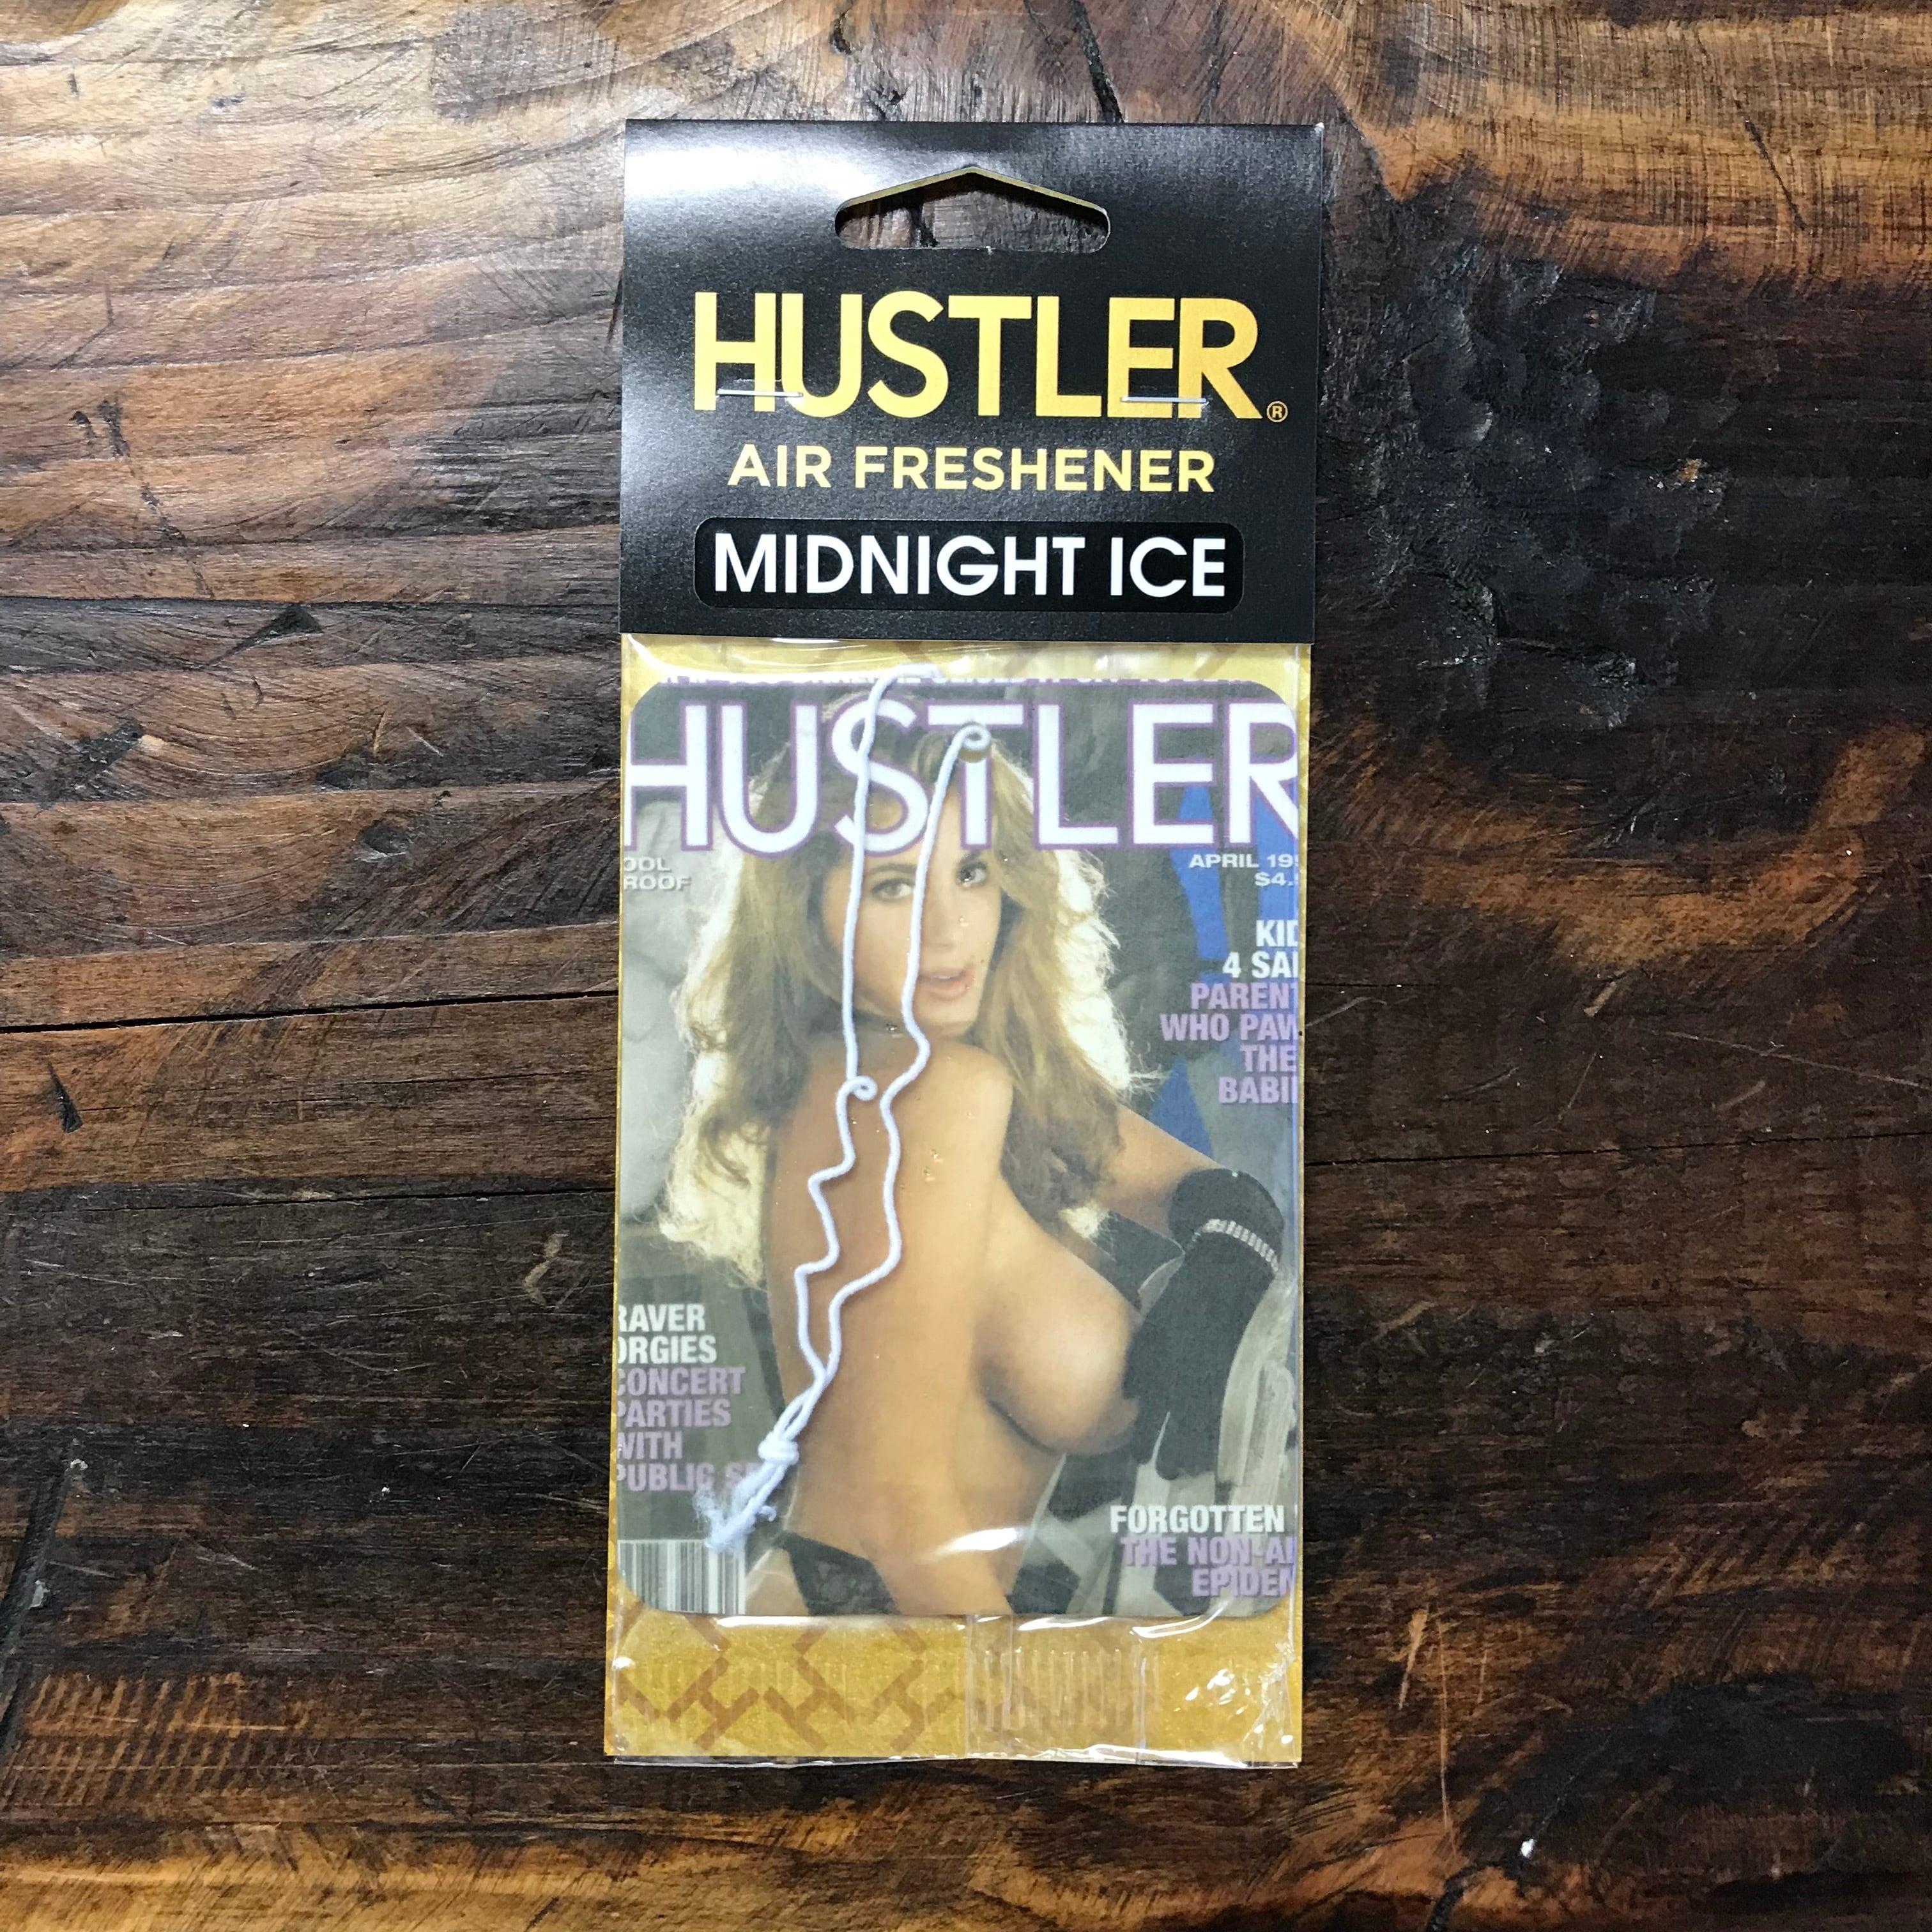 HUSTLER・セクシーガールエアフレッシュナー・ミッドナイトアイス(ブラックアイス風)・1994-04